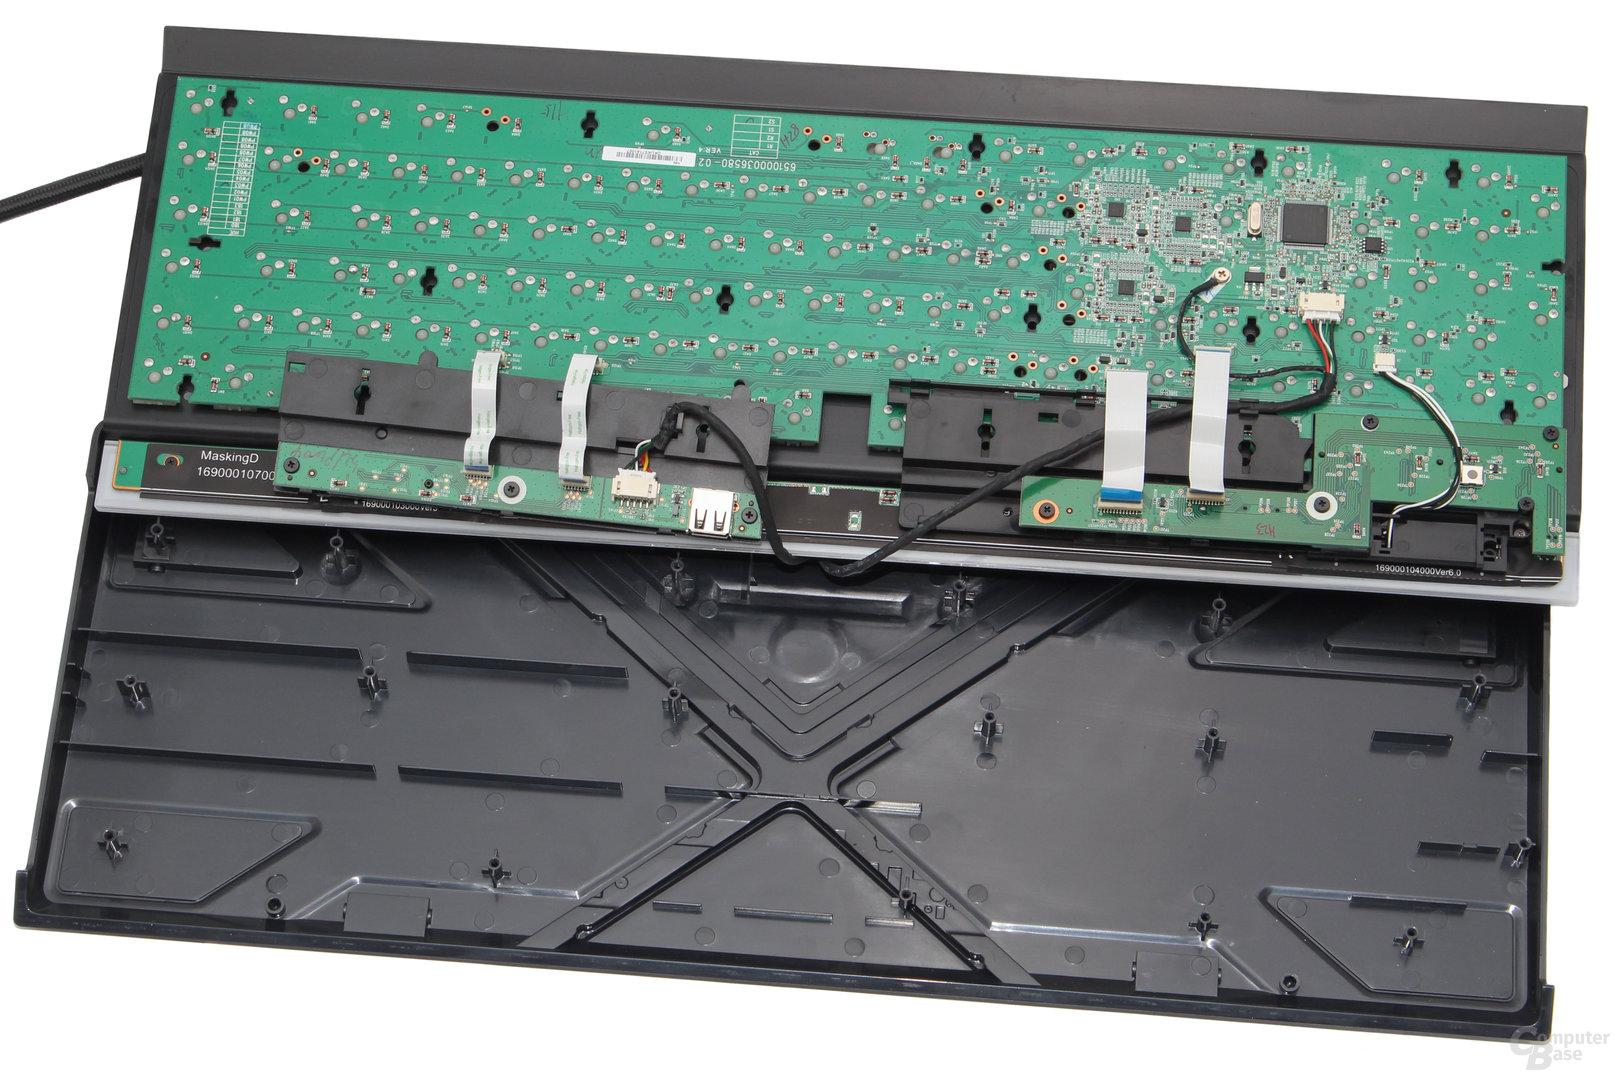 Für alle Zusatzfunktionen nutzt Corsair separate PCBs